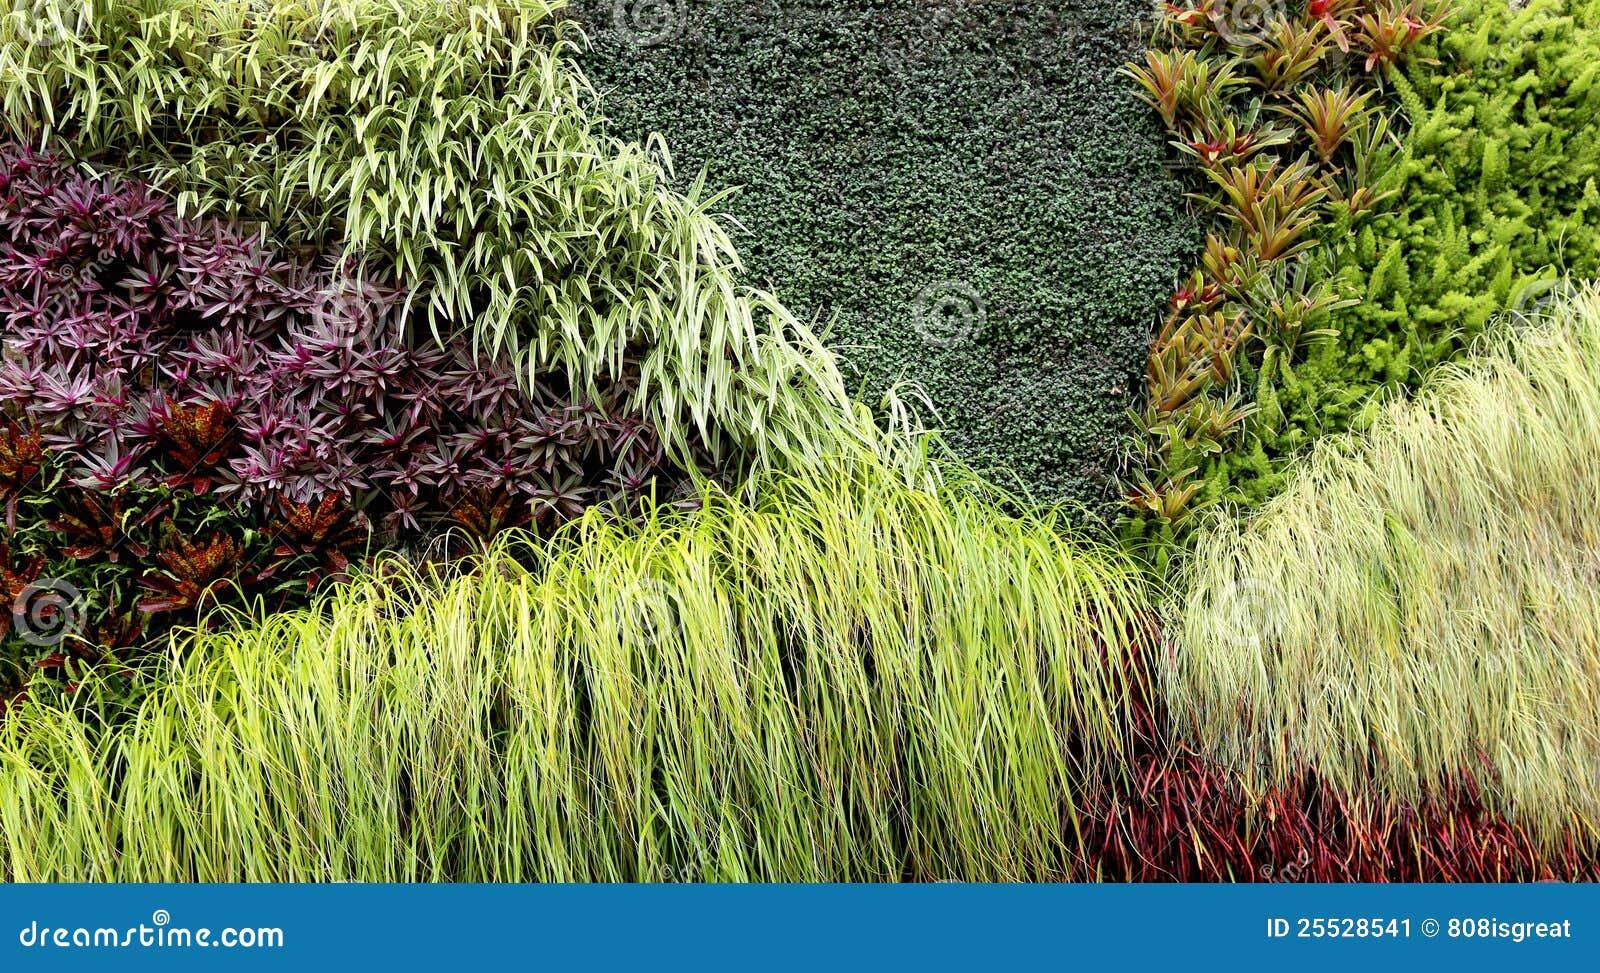 plantas jardim tropical:Jardim vertical com as várias plantas tropicais que crescem em um